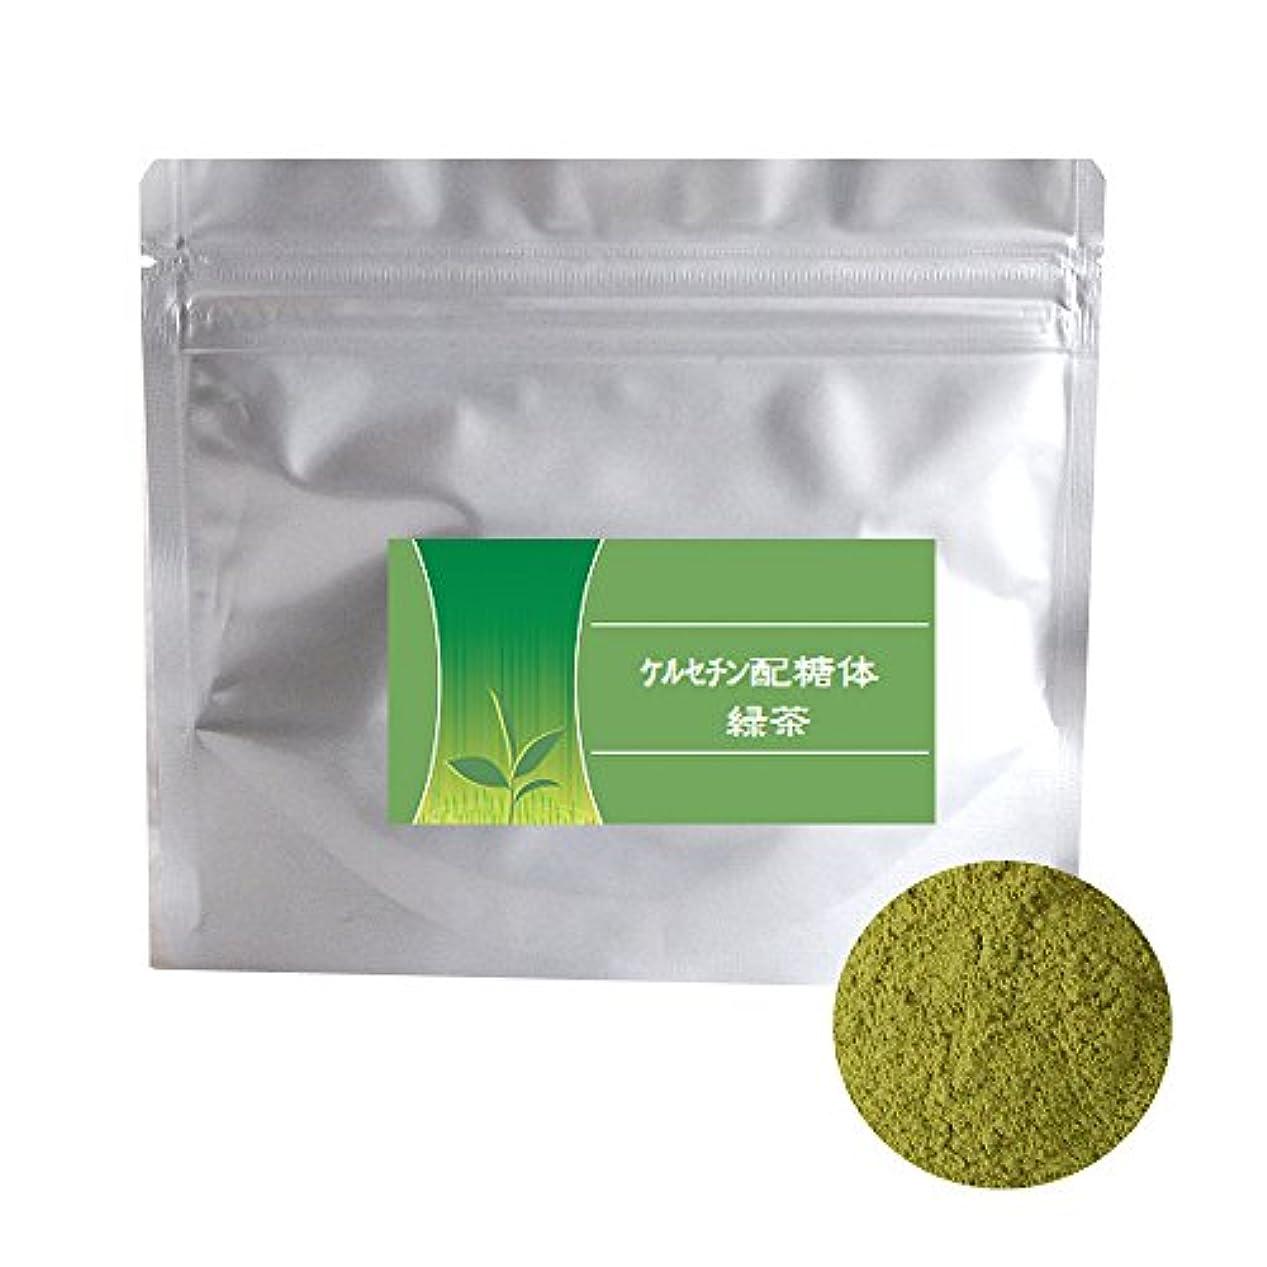 外交官ましい遺跡ケルセチン配糖体緑茶 ジップパック50g(z) 粉末 パウダー インスタント 緑茶